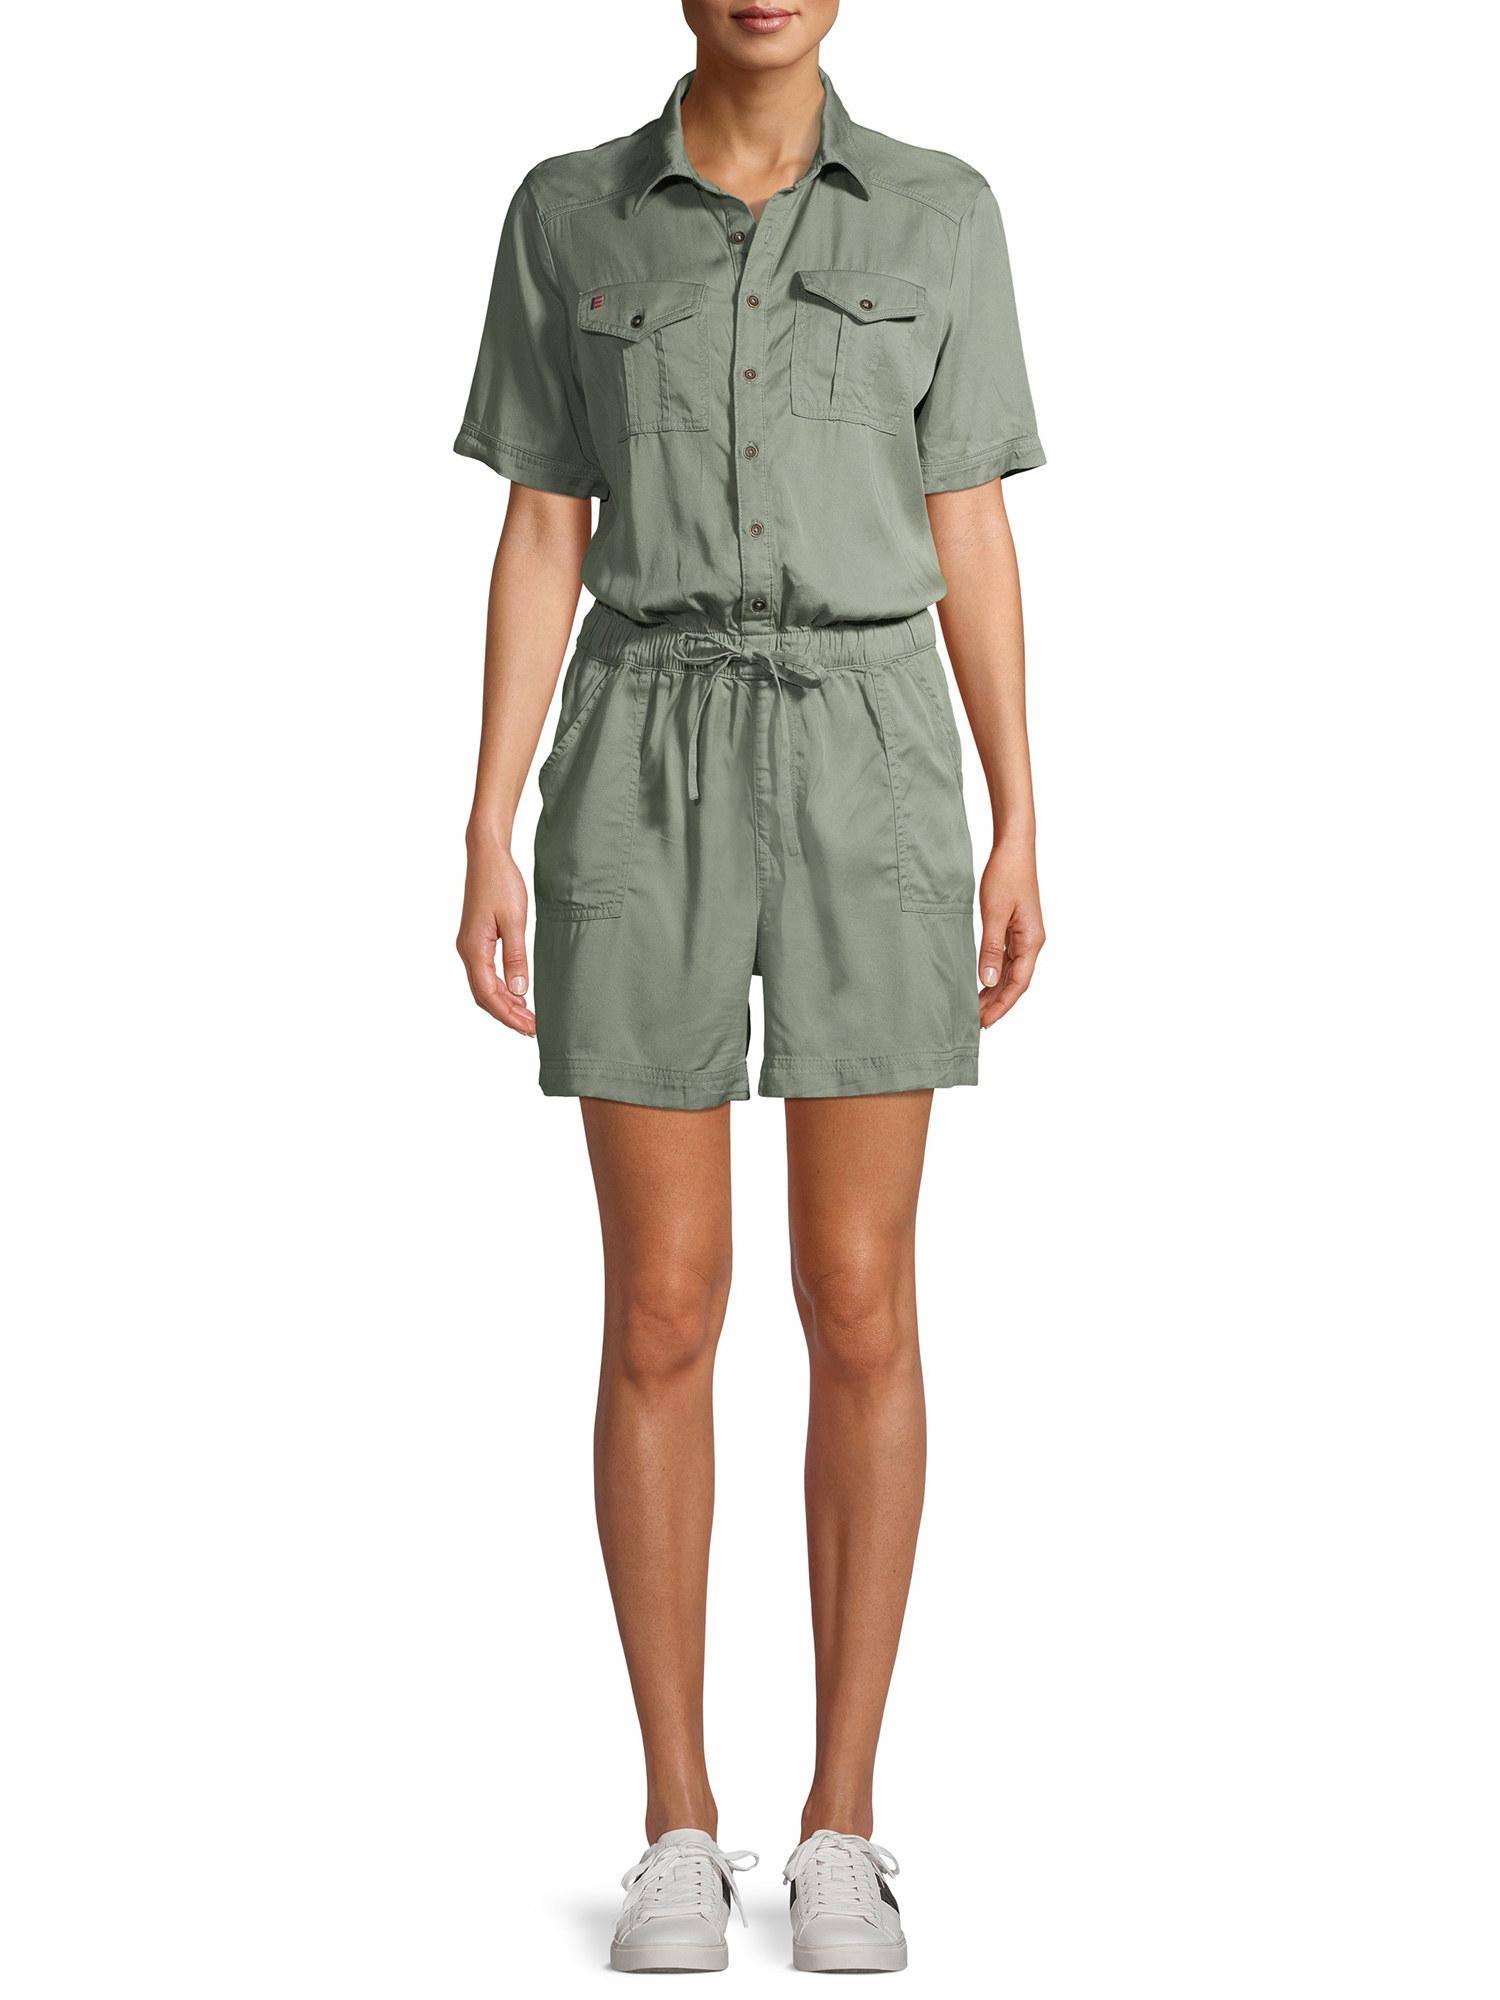 Model in green khaki tie-waist romper